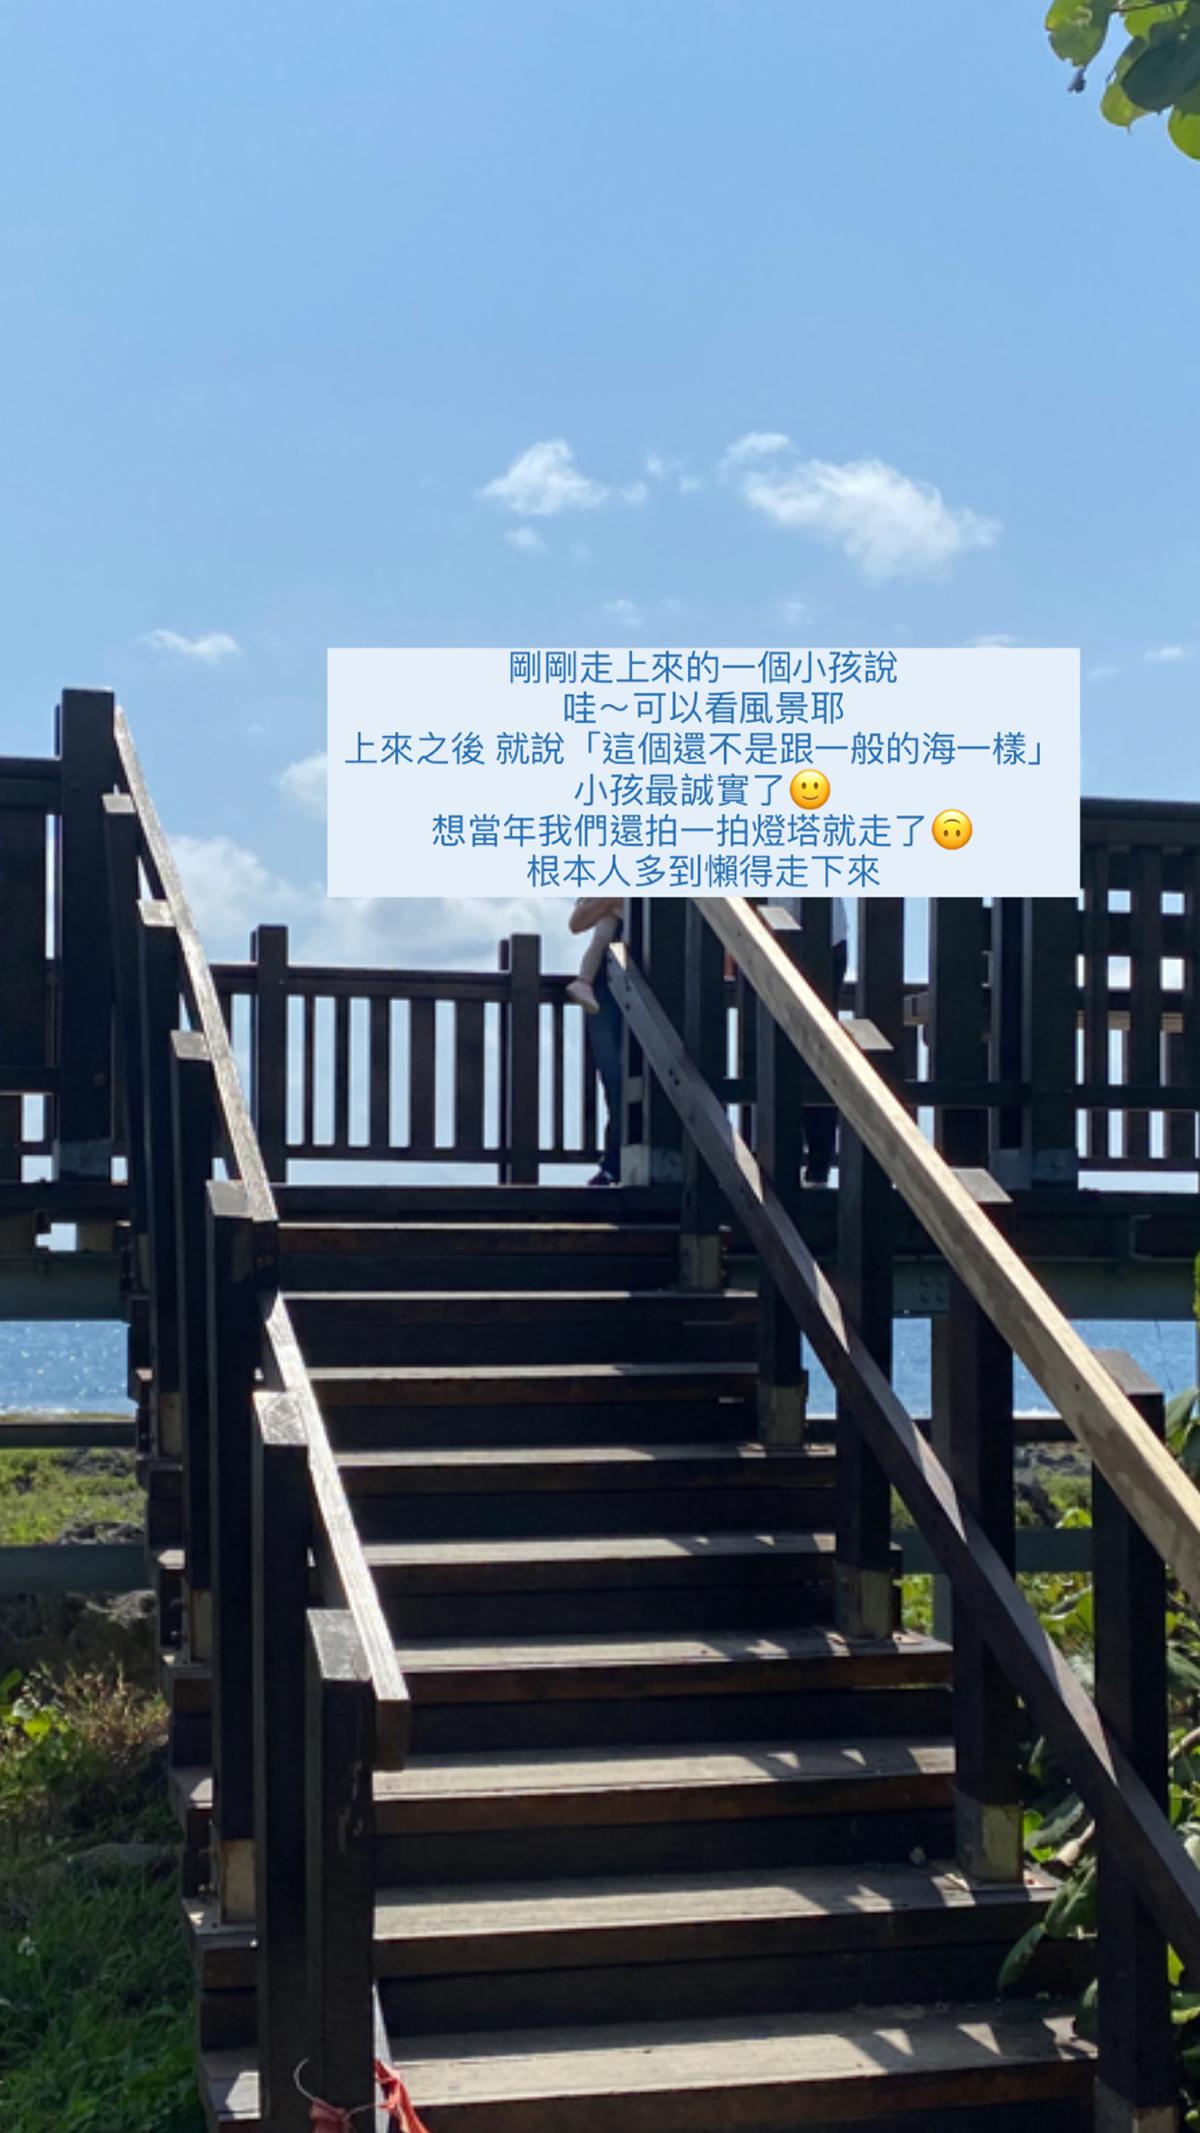 【2021機車環島】DAY10-12 墾丁景點|台灣最南邊、屏鵝公路海岸線、墾丁大街都很貴?! @GINA環球旅行生活